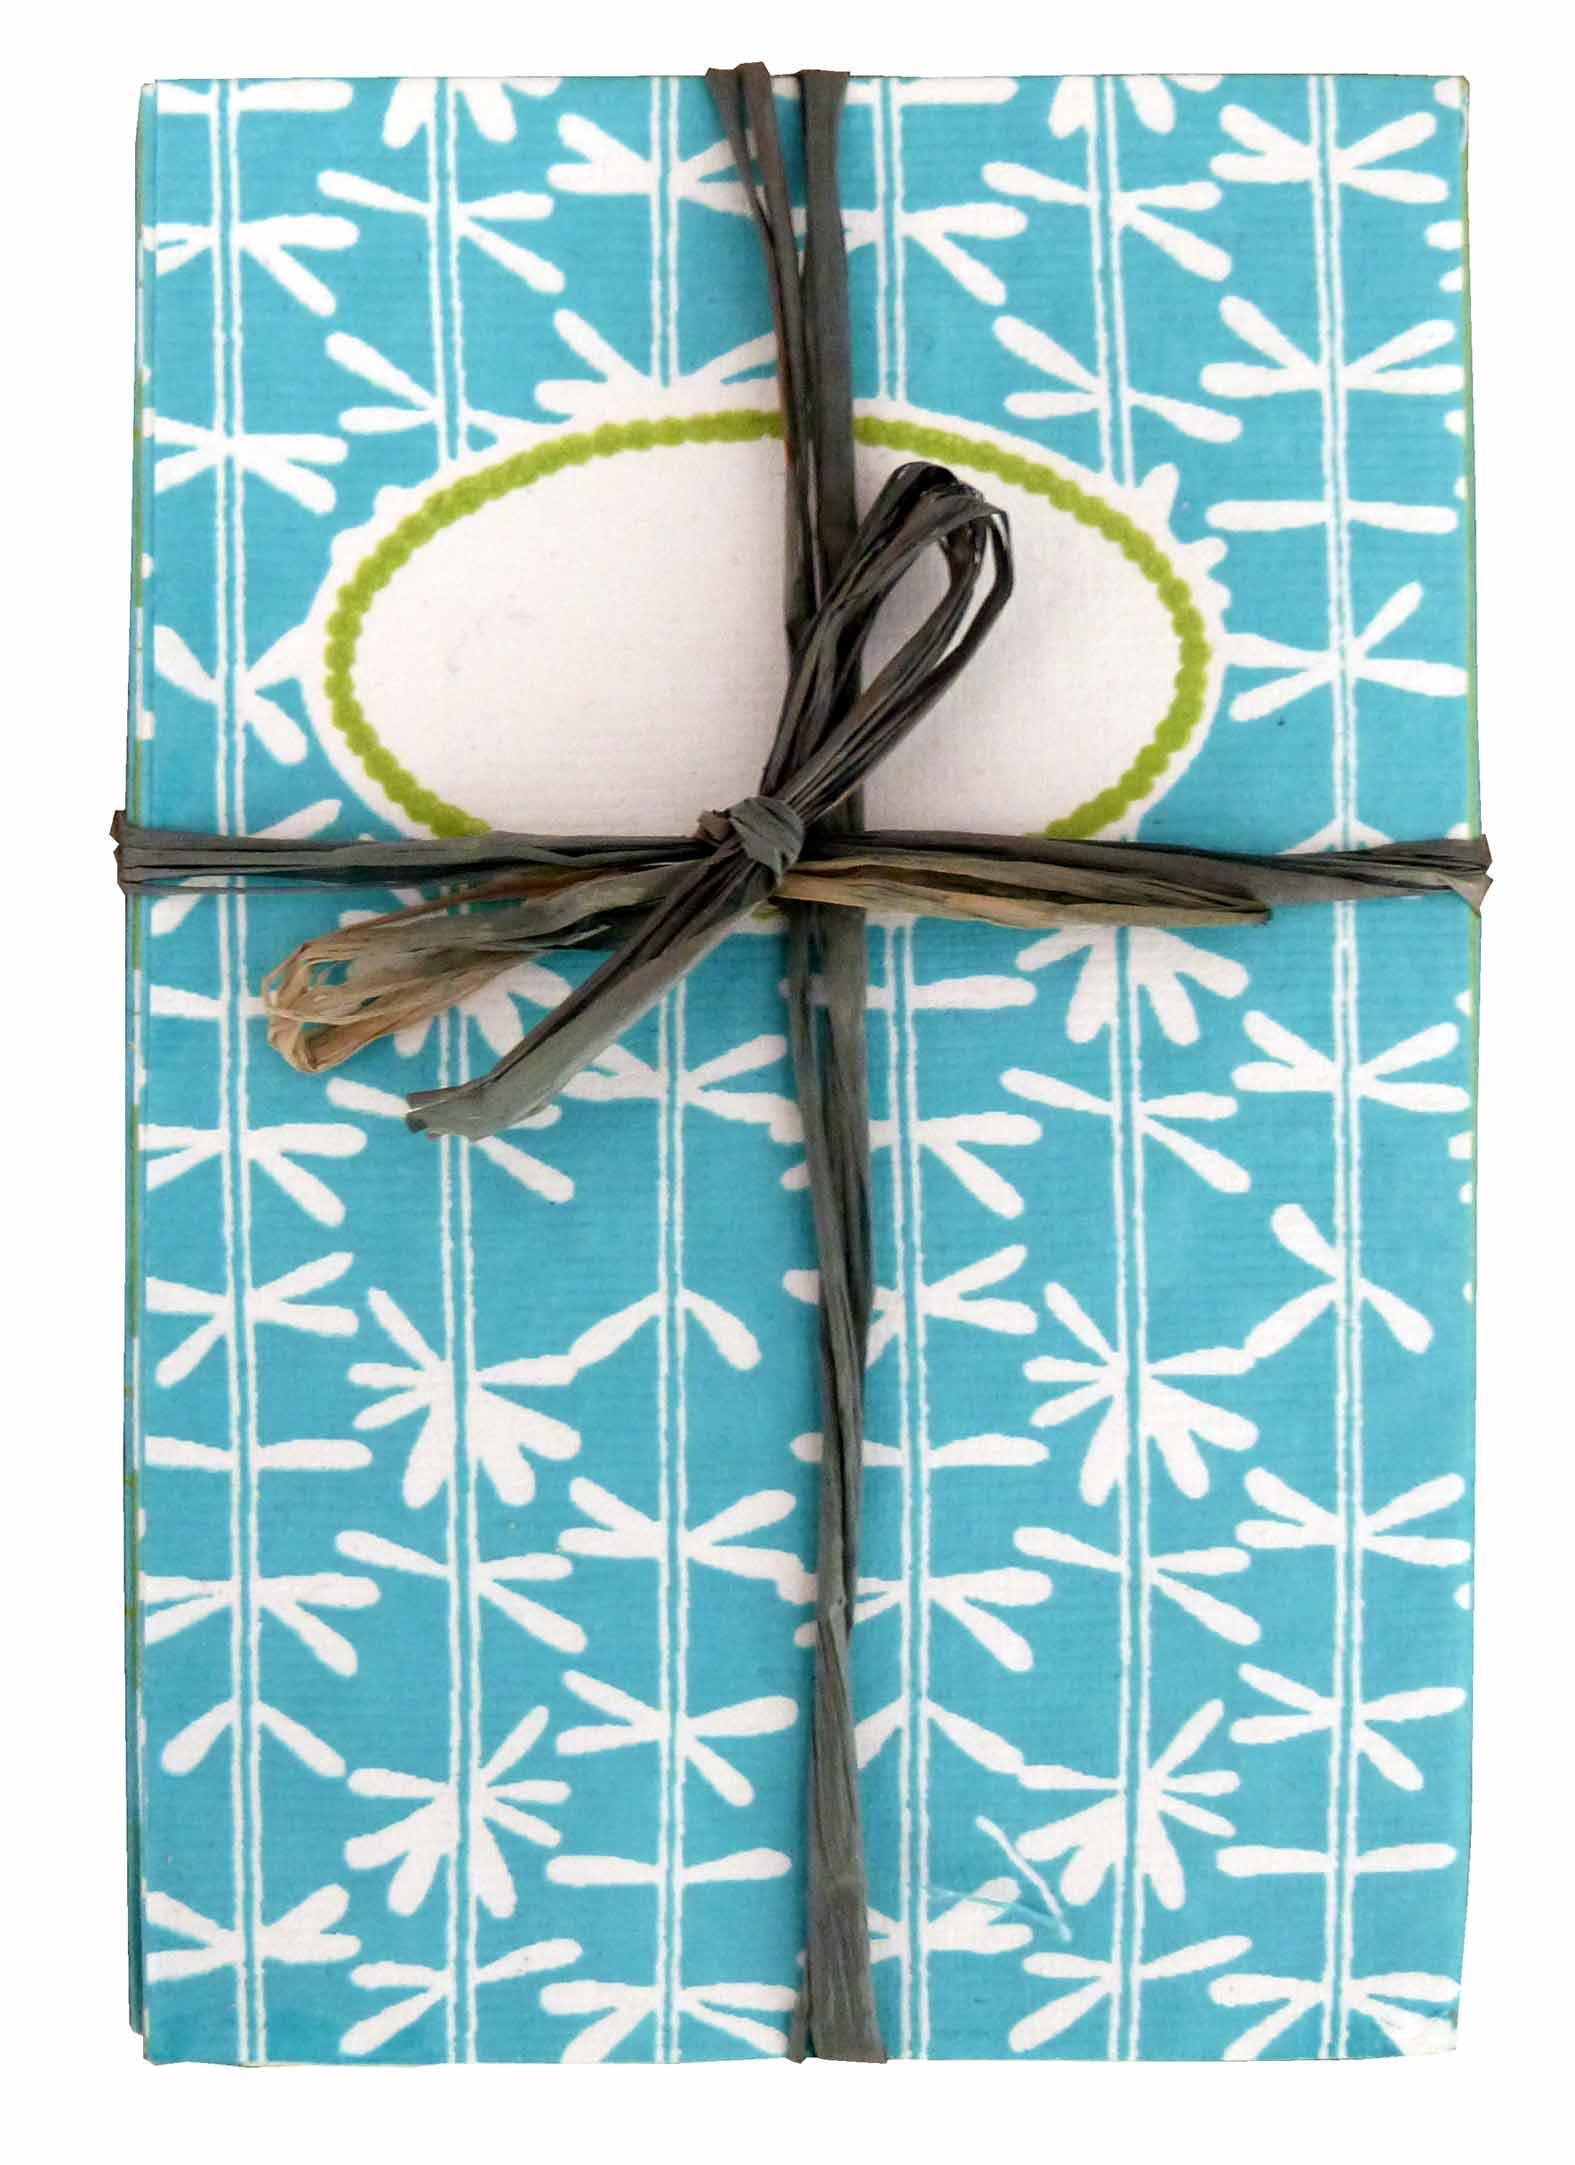 Samentüten zum Verschenken von Frühlingsboten © Salon Elfi, Verena Schätzlein